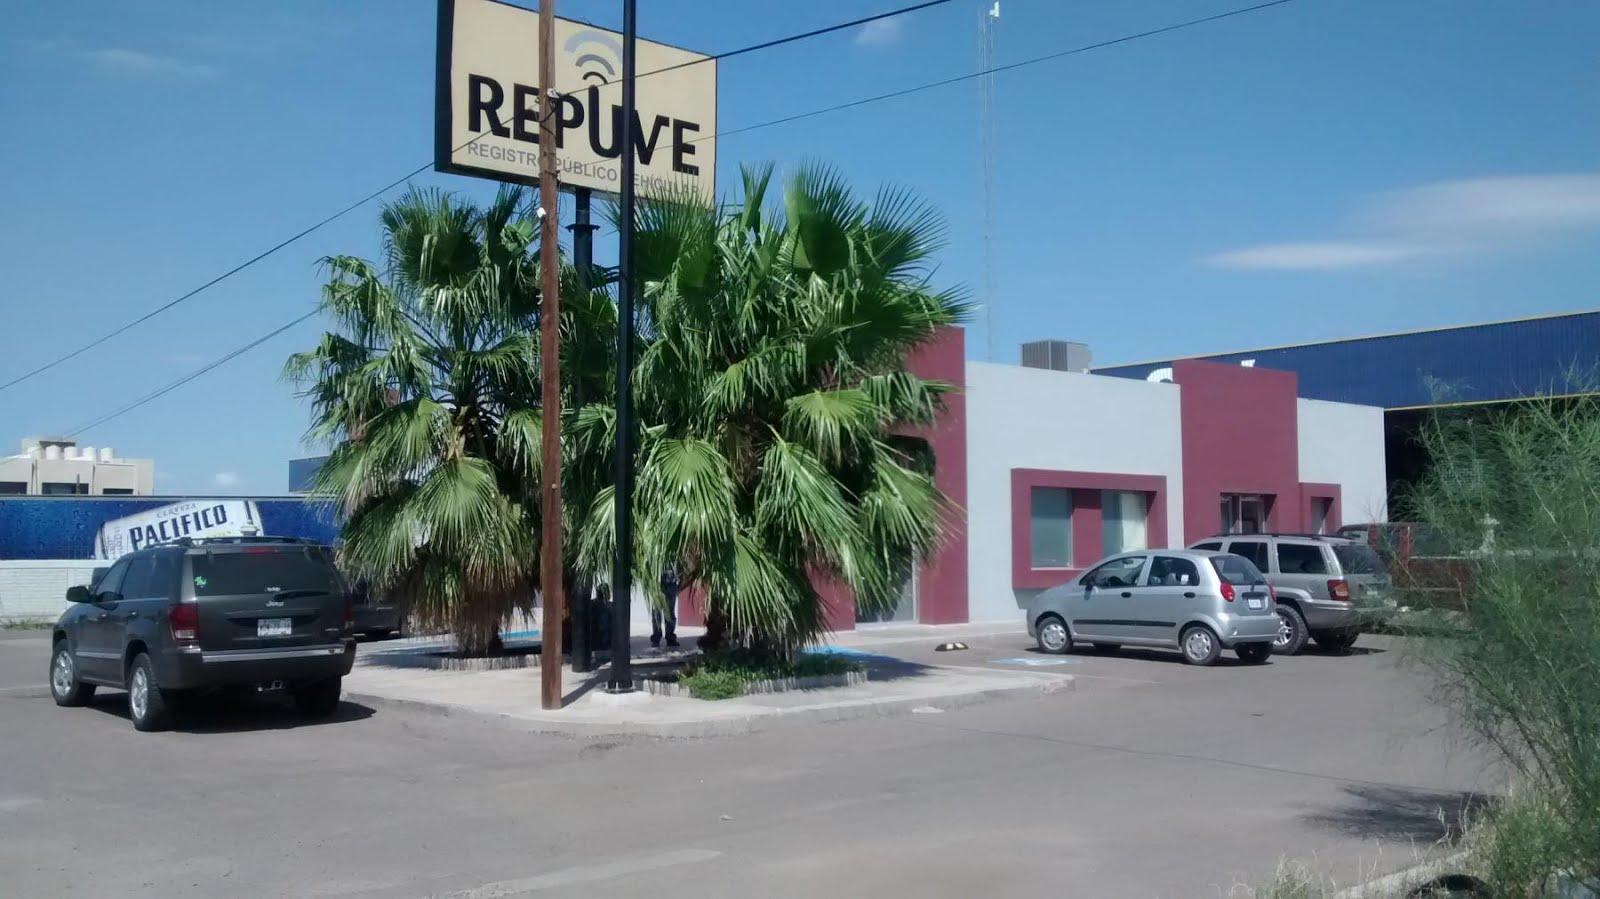 Repuve gratis en Torreon registro de automoviles en modulo 2019 2020 2021 2022